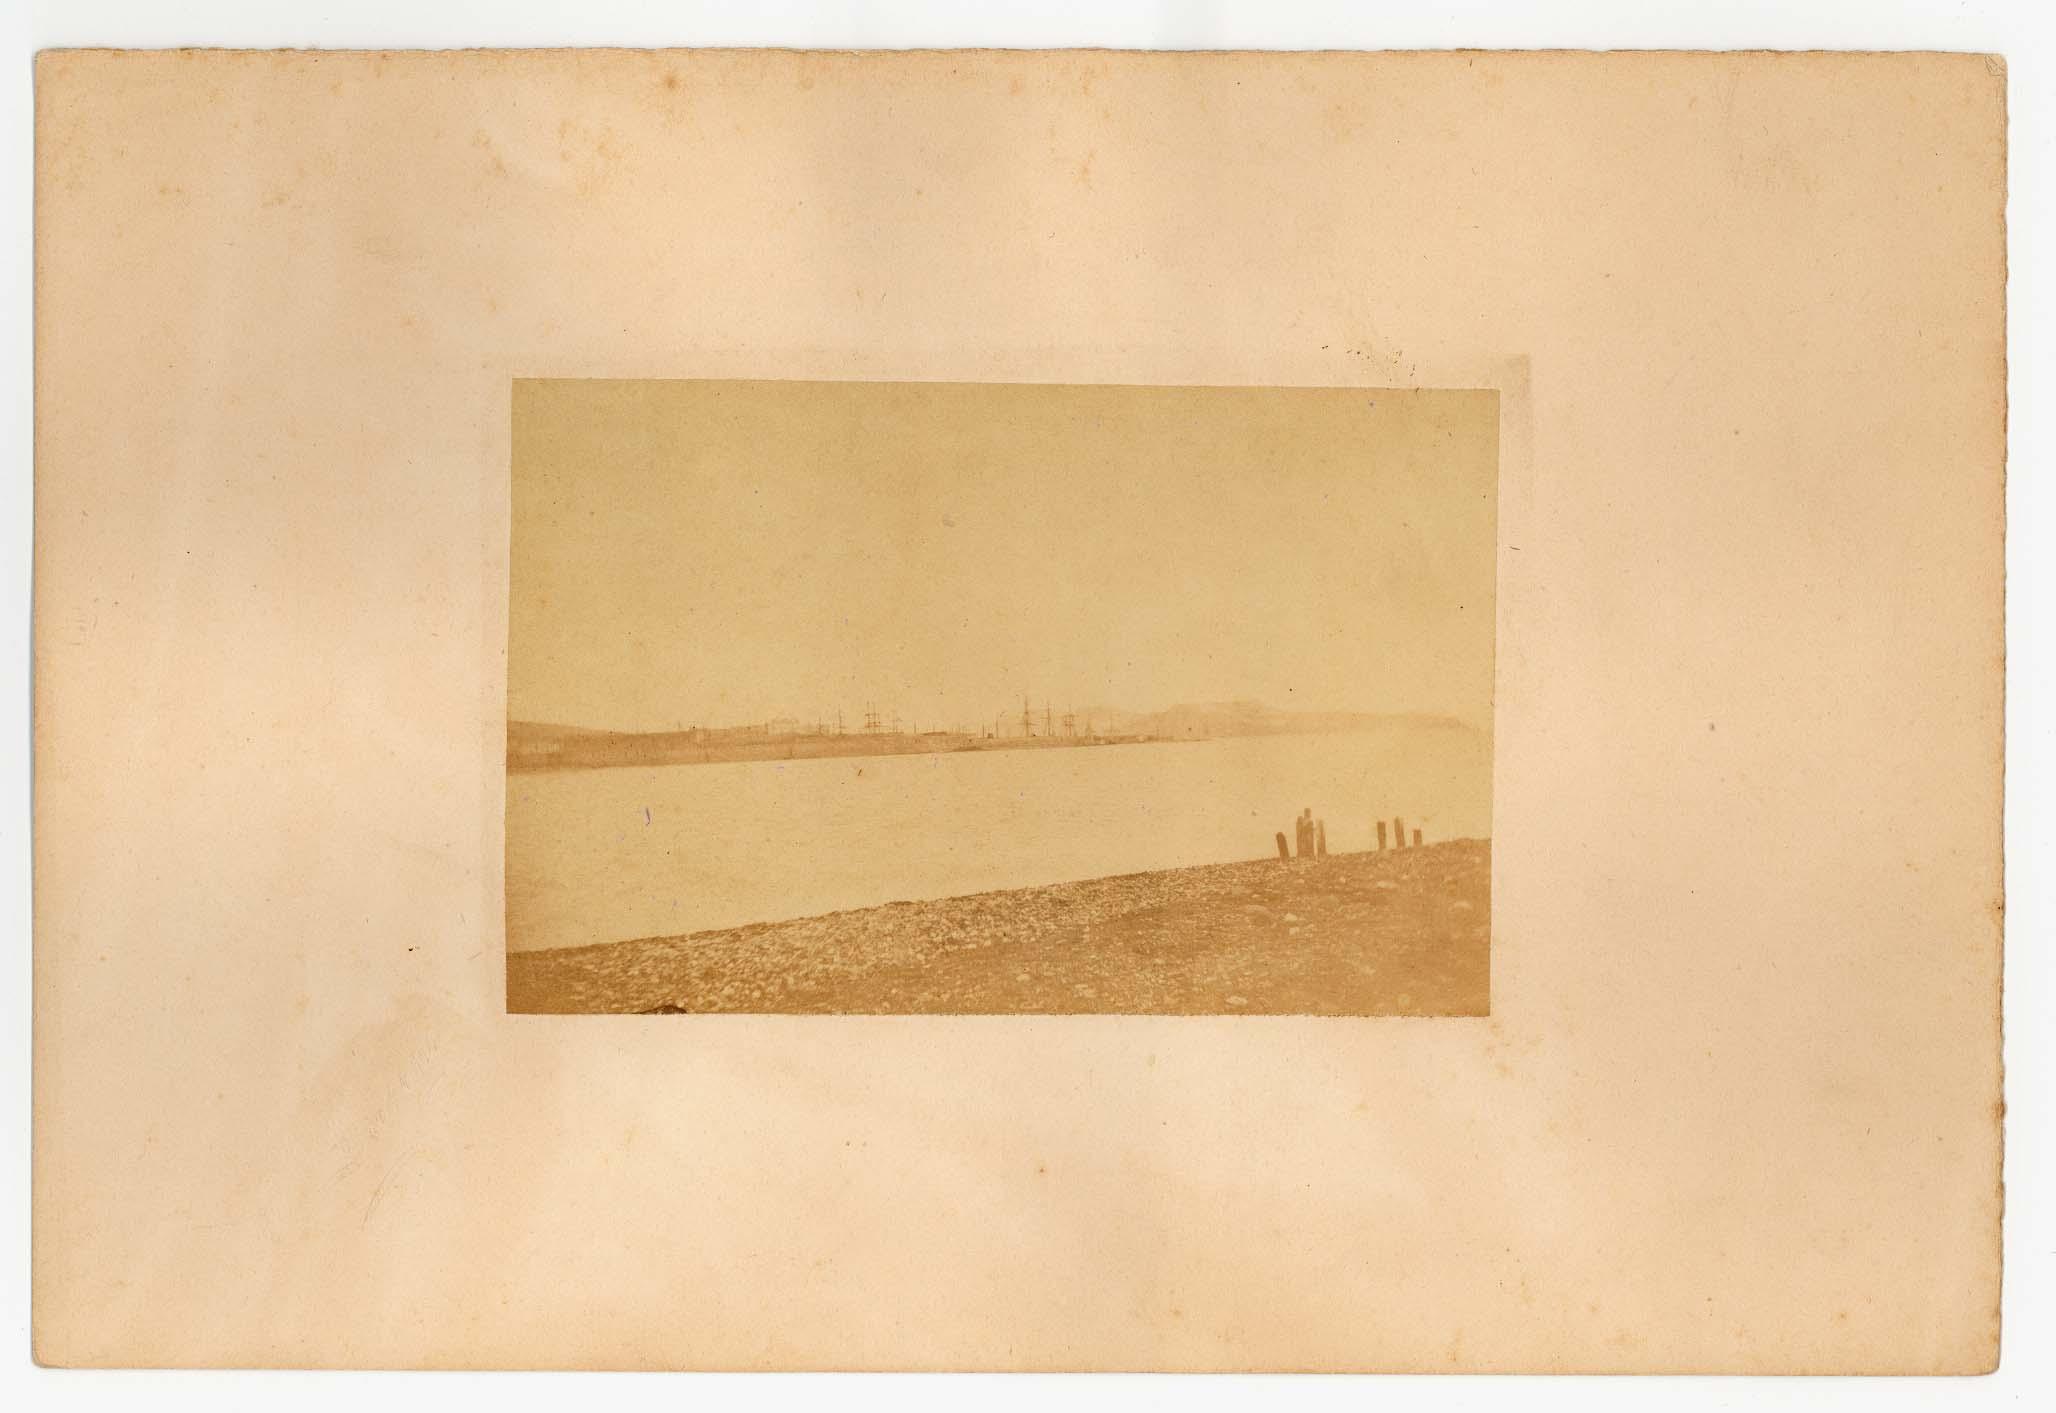 Archivio Comunale - 1880 - Topografia_jpg_foto 0026